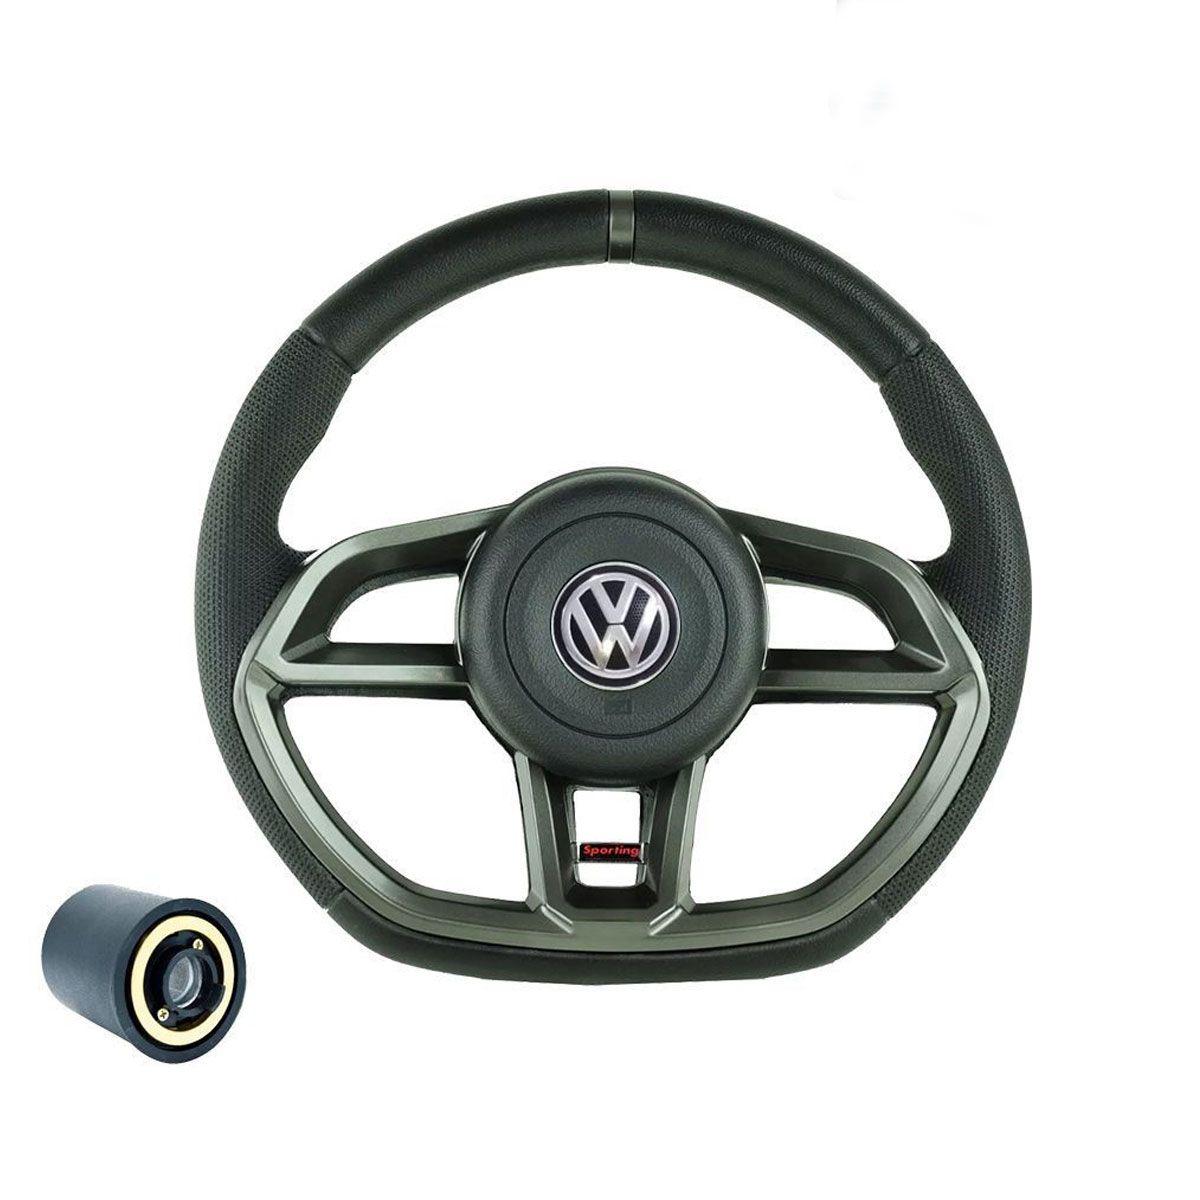 Volante esportivo para caminhão VW Titan c/cubo mod Golf GTI